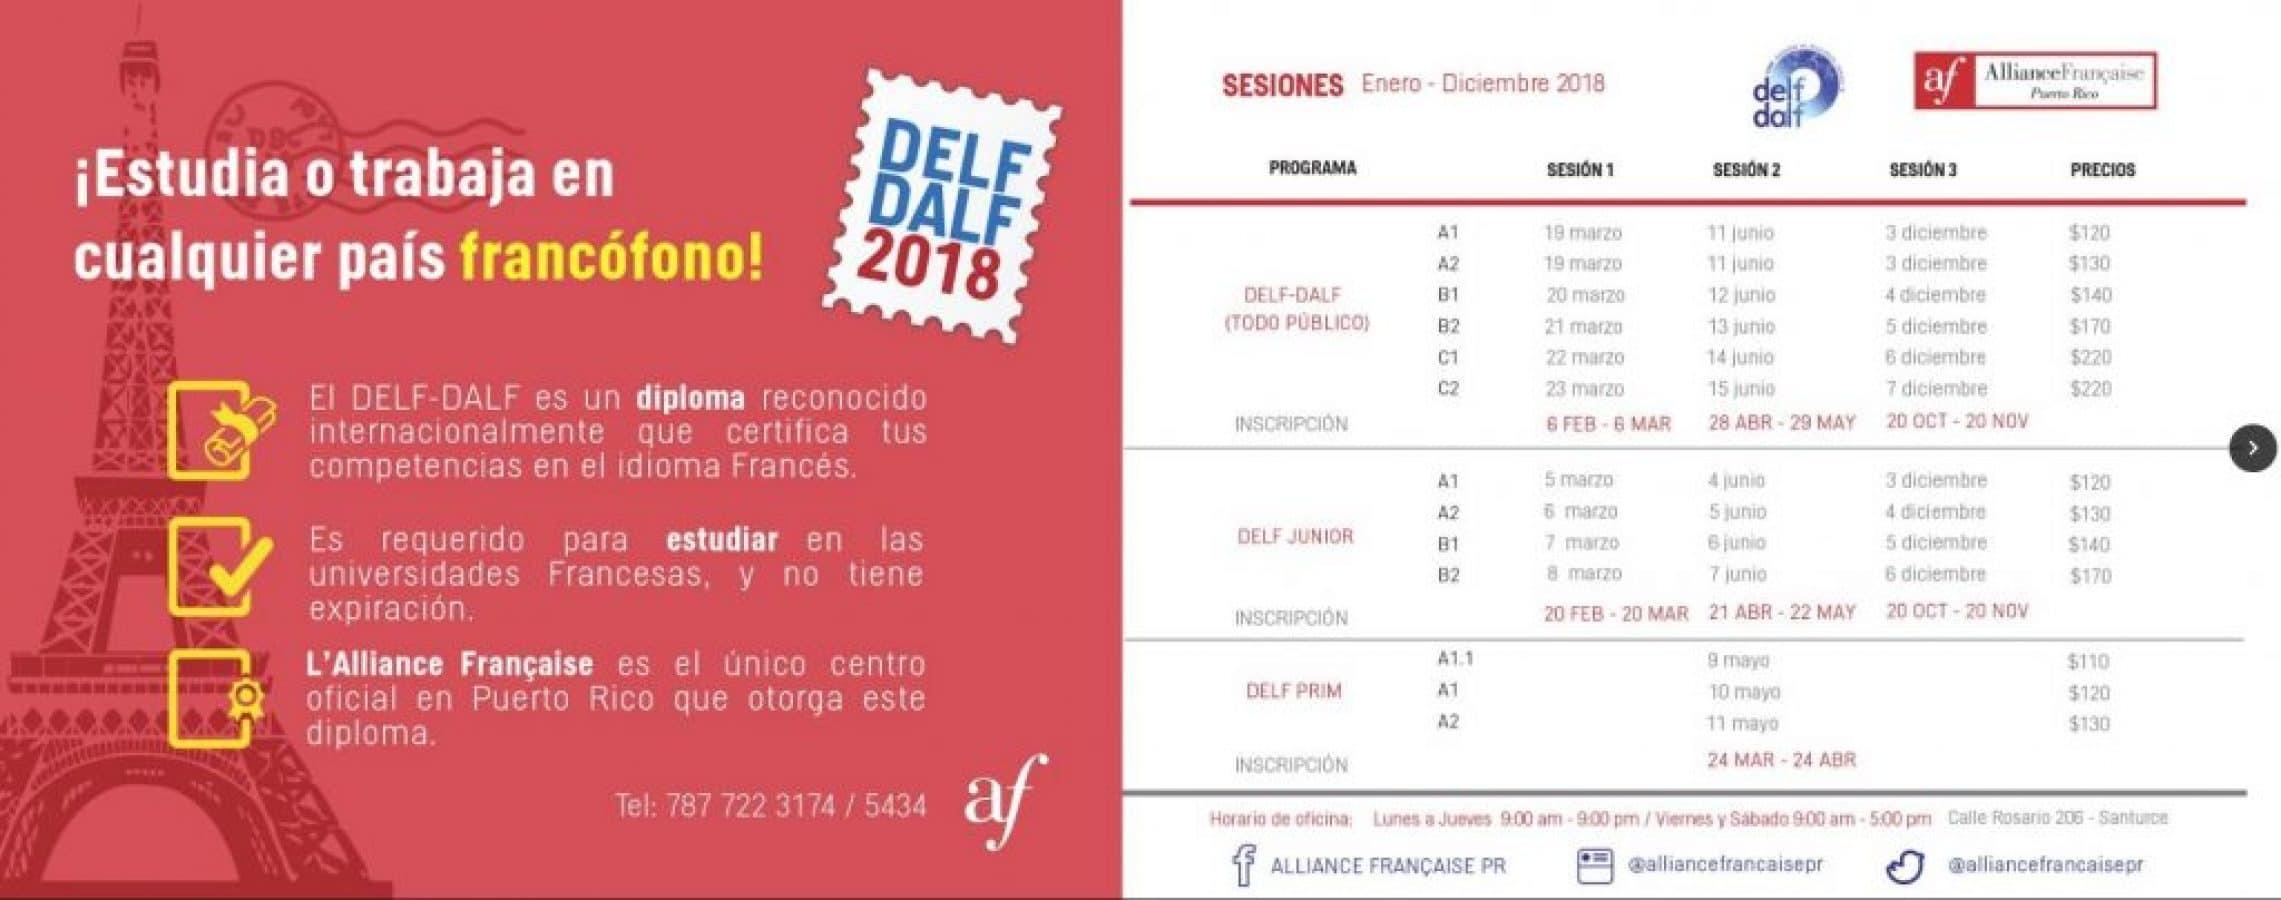 Calendario de clases y exámenes de la Alianza Francesa en Saturce Puerto Rico